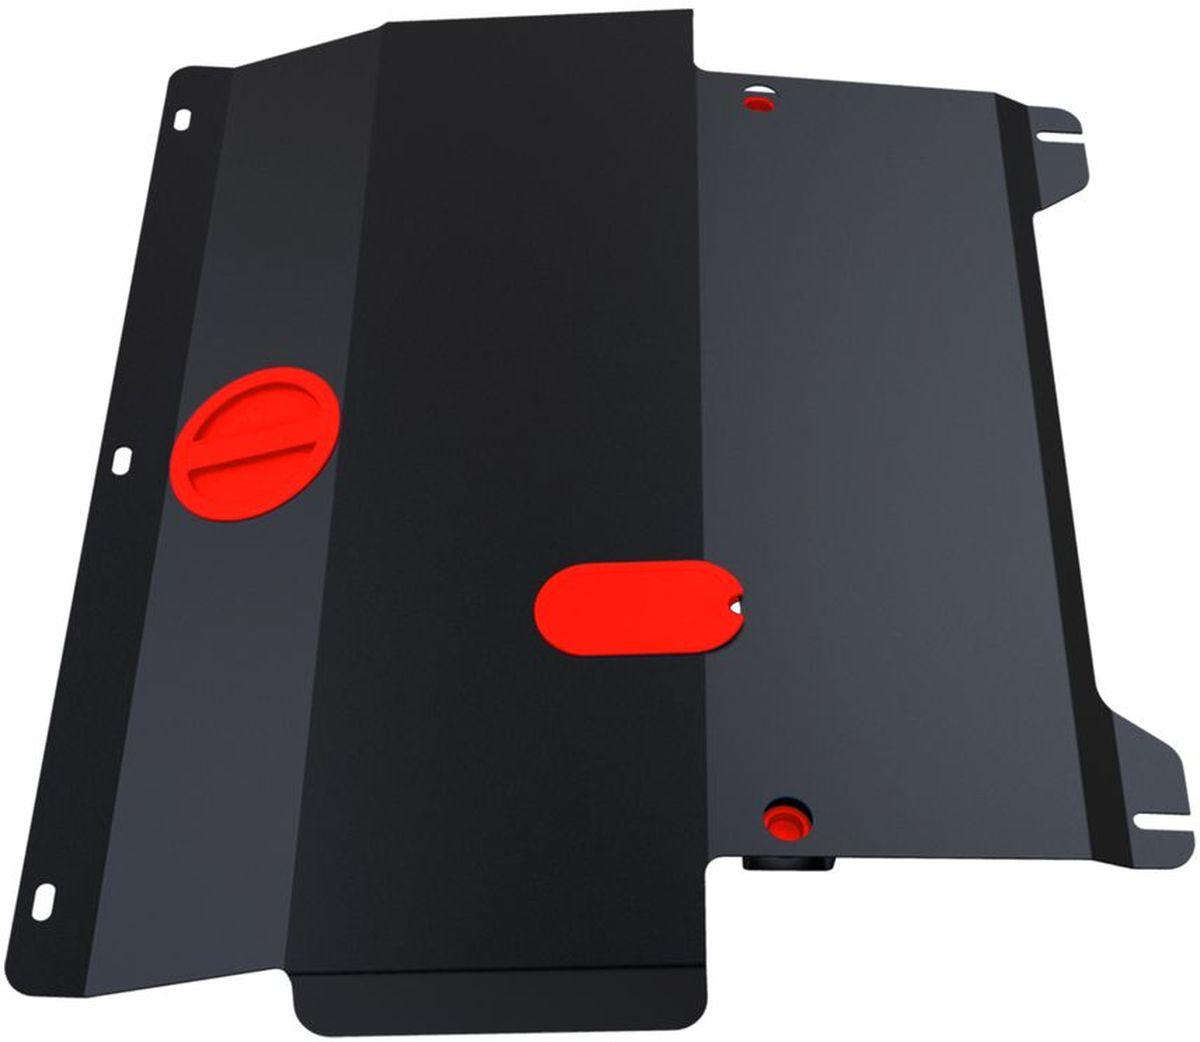 Защита картера и КПП Автоброня, для Ford Fiesta. 111.01805.2111.01805.2Технологически совершенный продукт за невысокую стоимость. Защита разработана с учетом особенностей днища автомобиля, что позволяет сохранить дорожный просвет с минимальным изменением. Защита устанавливается в штатные места кузова автомобиля. Глубокий штамп обеспечивает до двух раз больше жесткости в сравнении с обычной защитой той же толщины. Проштампованные ребра жесткости препятствуют деформации защиты при ударах. Тепловой зазор и вентиляционные отверстия обеспечивают сохранение температурного режима двигателя в норме. Скрытый крепеж предотвращает срыв крепежных элементов при наезде на препятствие. Шумопоглощающие резиновые элементы обеспечивают комфортную езду без вибраций и скрежета металла, а съемные лючки для слива масла и замены фильтра - экономию средств и время. Конструкция изделия не влияет на пассивную безопасность автомобиля (при ударе защита не воздействует на деформационные зоны кузова). Со штатным крепежом. В комплекте инструкция по...